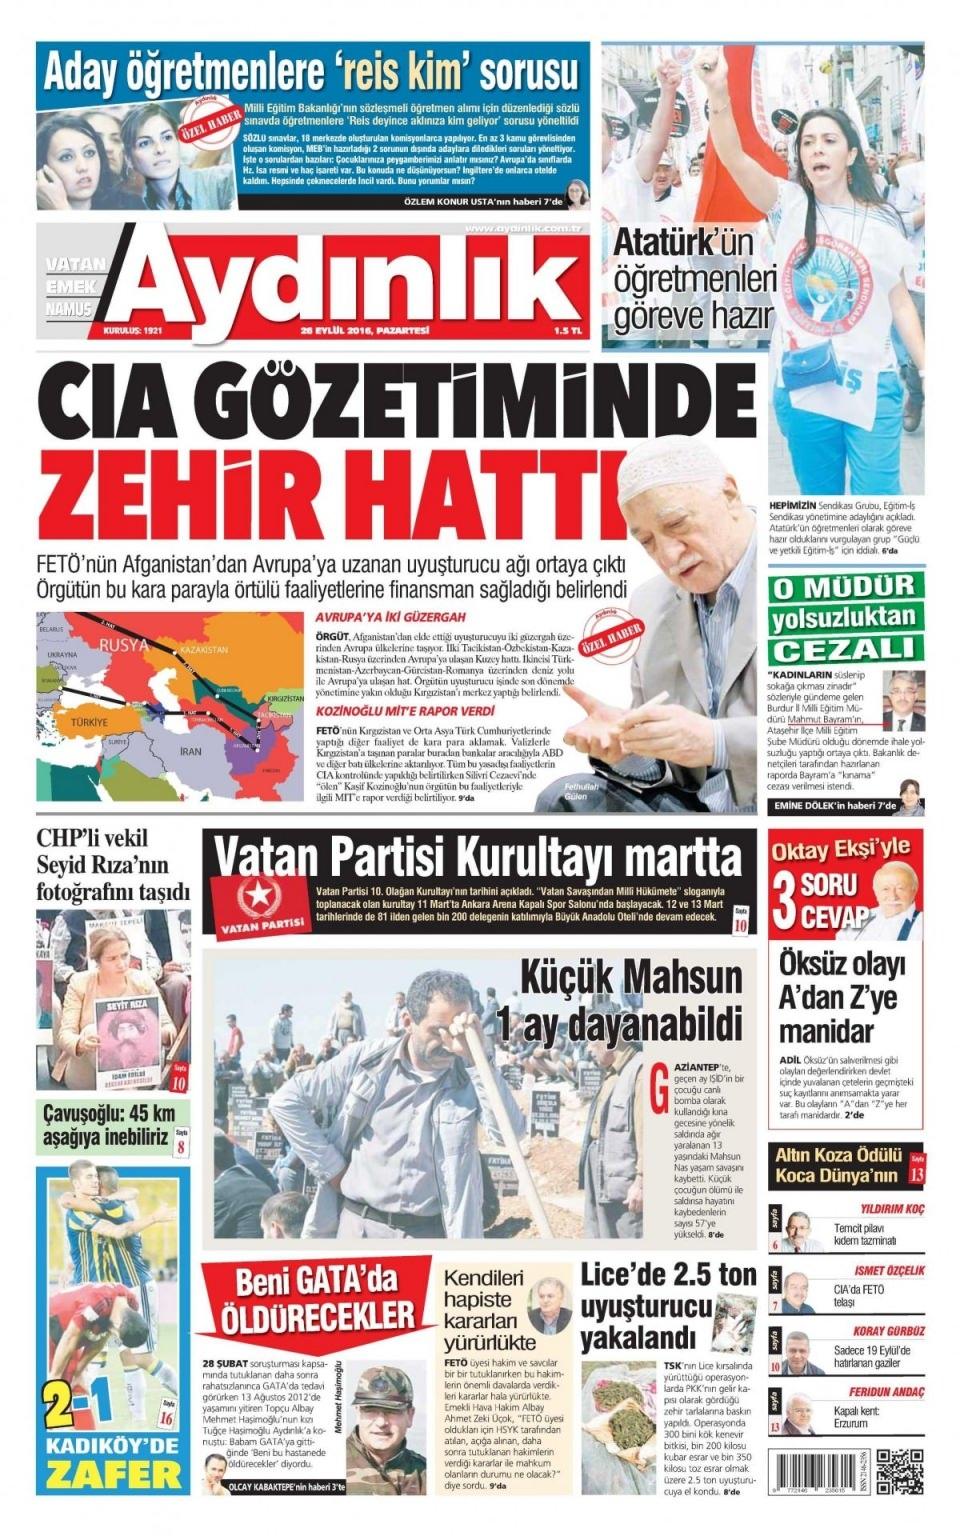 26 Eylül Pazartesi gazete manşetleri 17